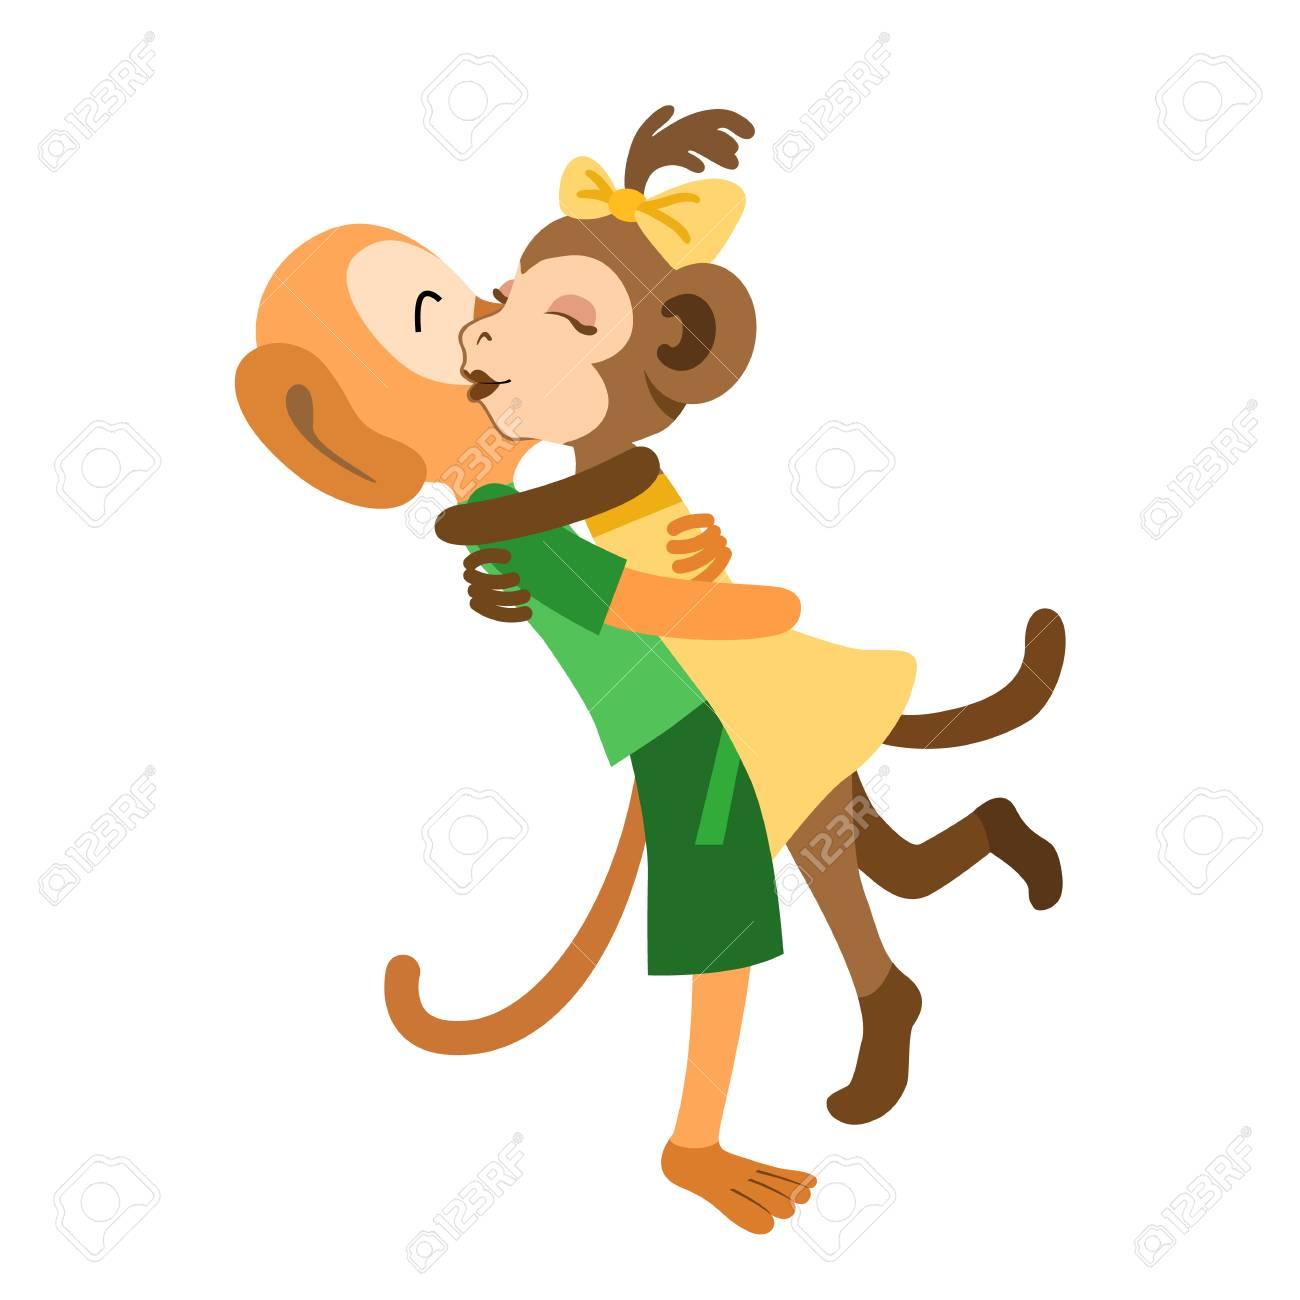 二つのサルに会うしお互いを抱きしめのイラスト素材ベクタ Image